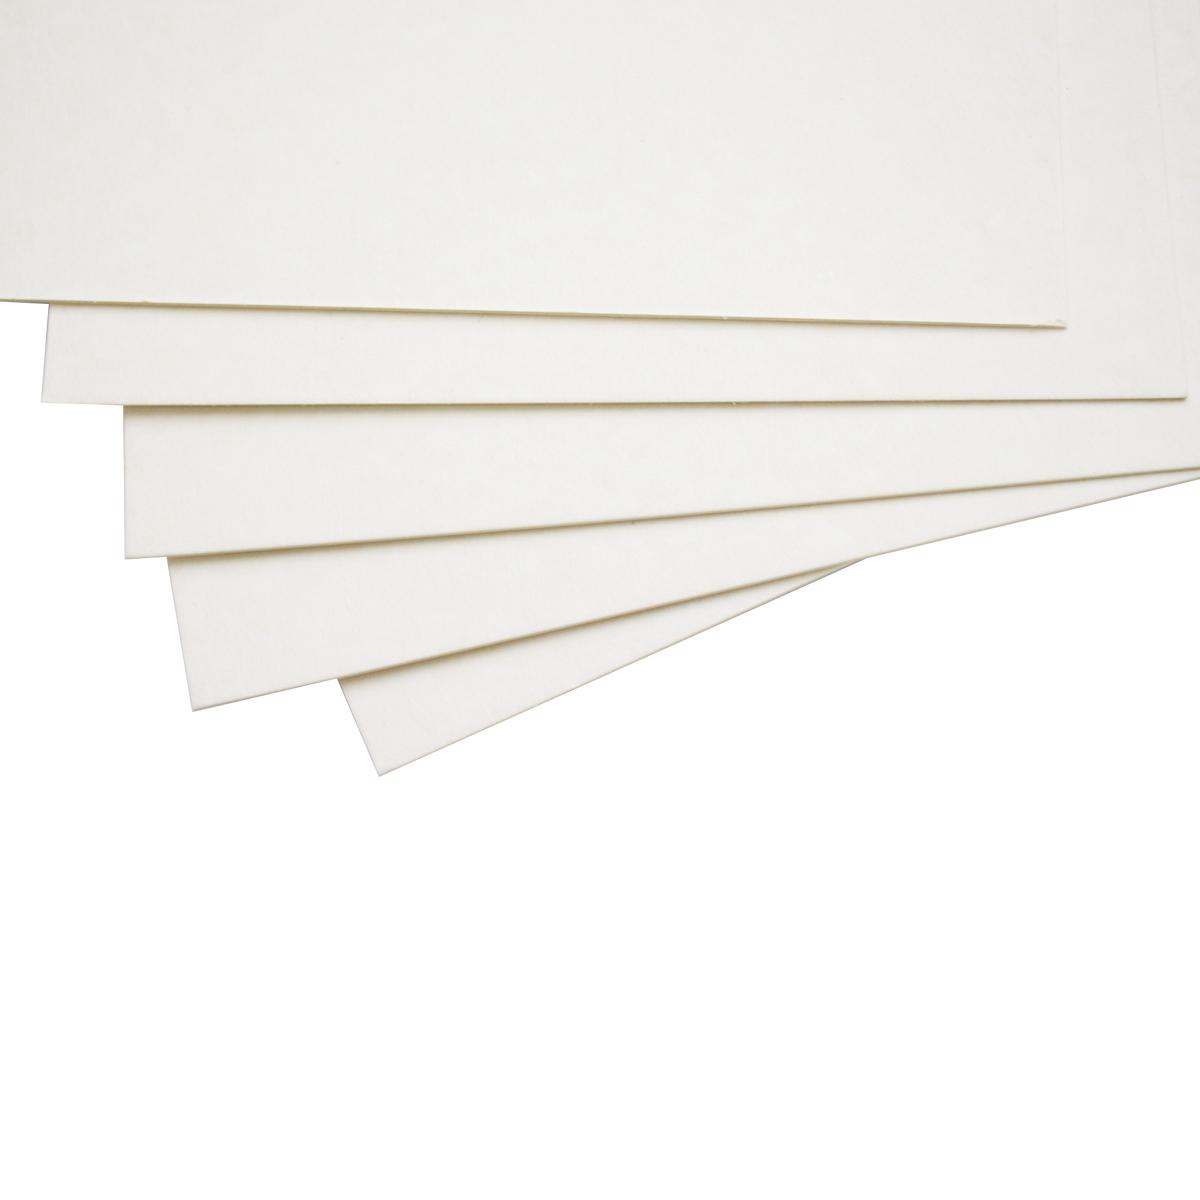 Картон пивной ЧипАрт, толщина 1 мм, 30,5 х 30,5 см, 5 листов1106100Картон является незаменимой частью многих работ в скрапбукинге. Пивной картон состоит из множества тонких слоев, и легко режется, поэтому прекрасно подойдет для изготовления страниц в альбомах.